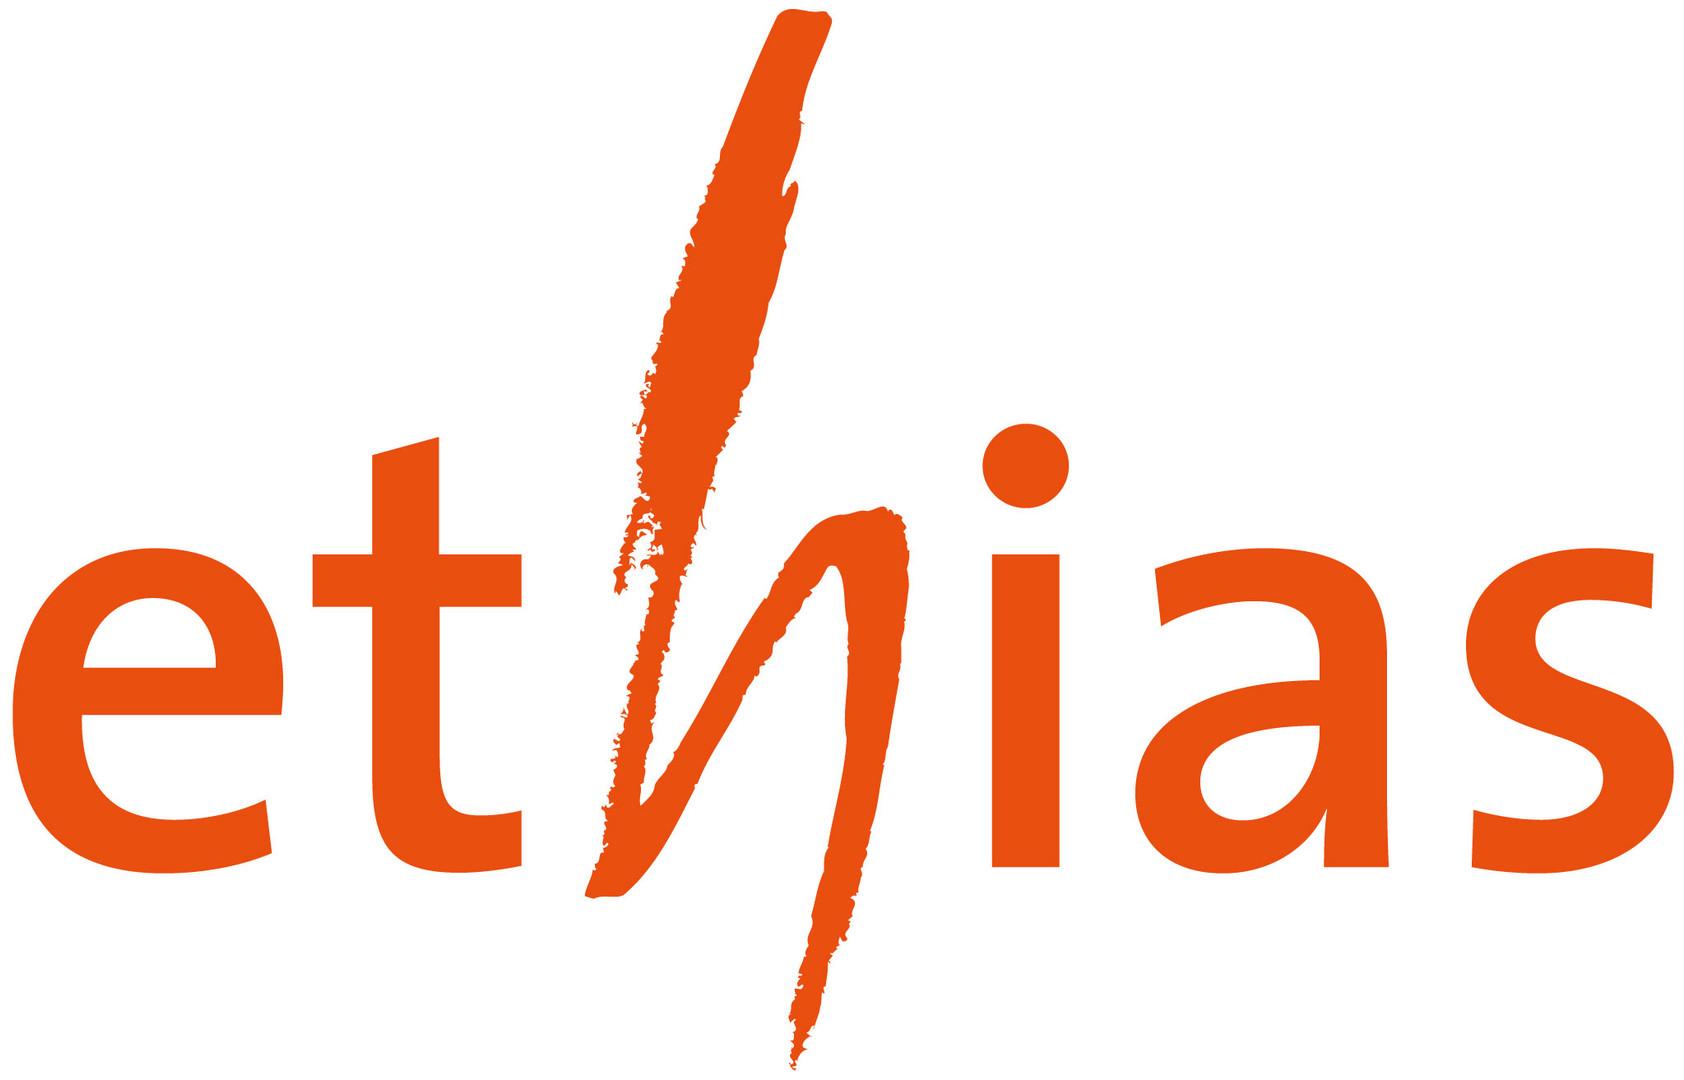 ethias logo.jpg